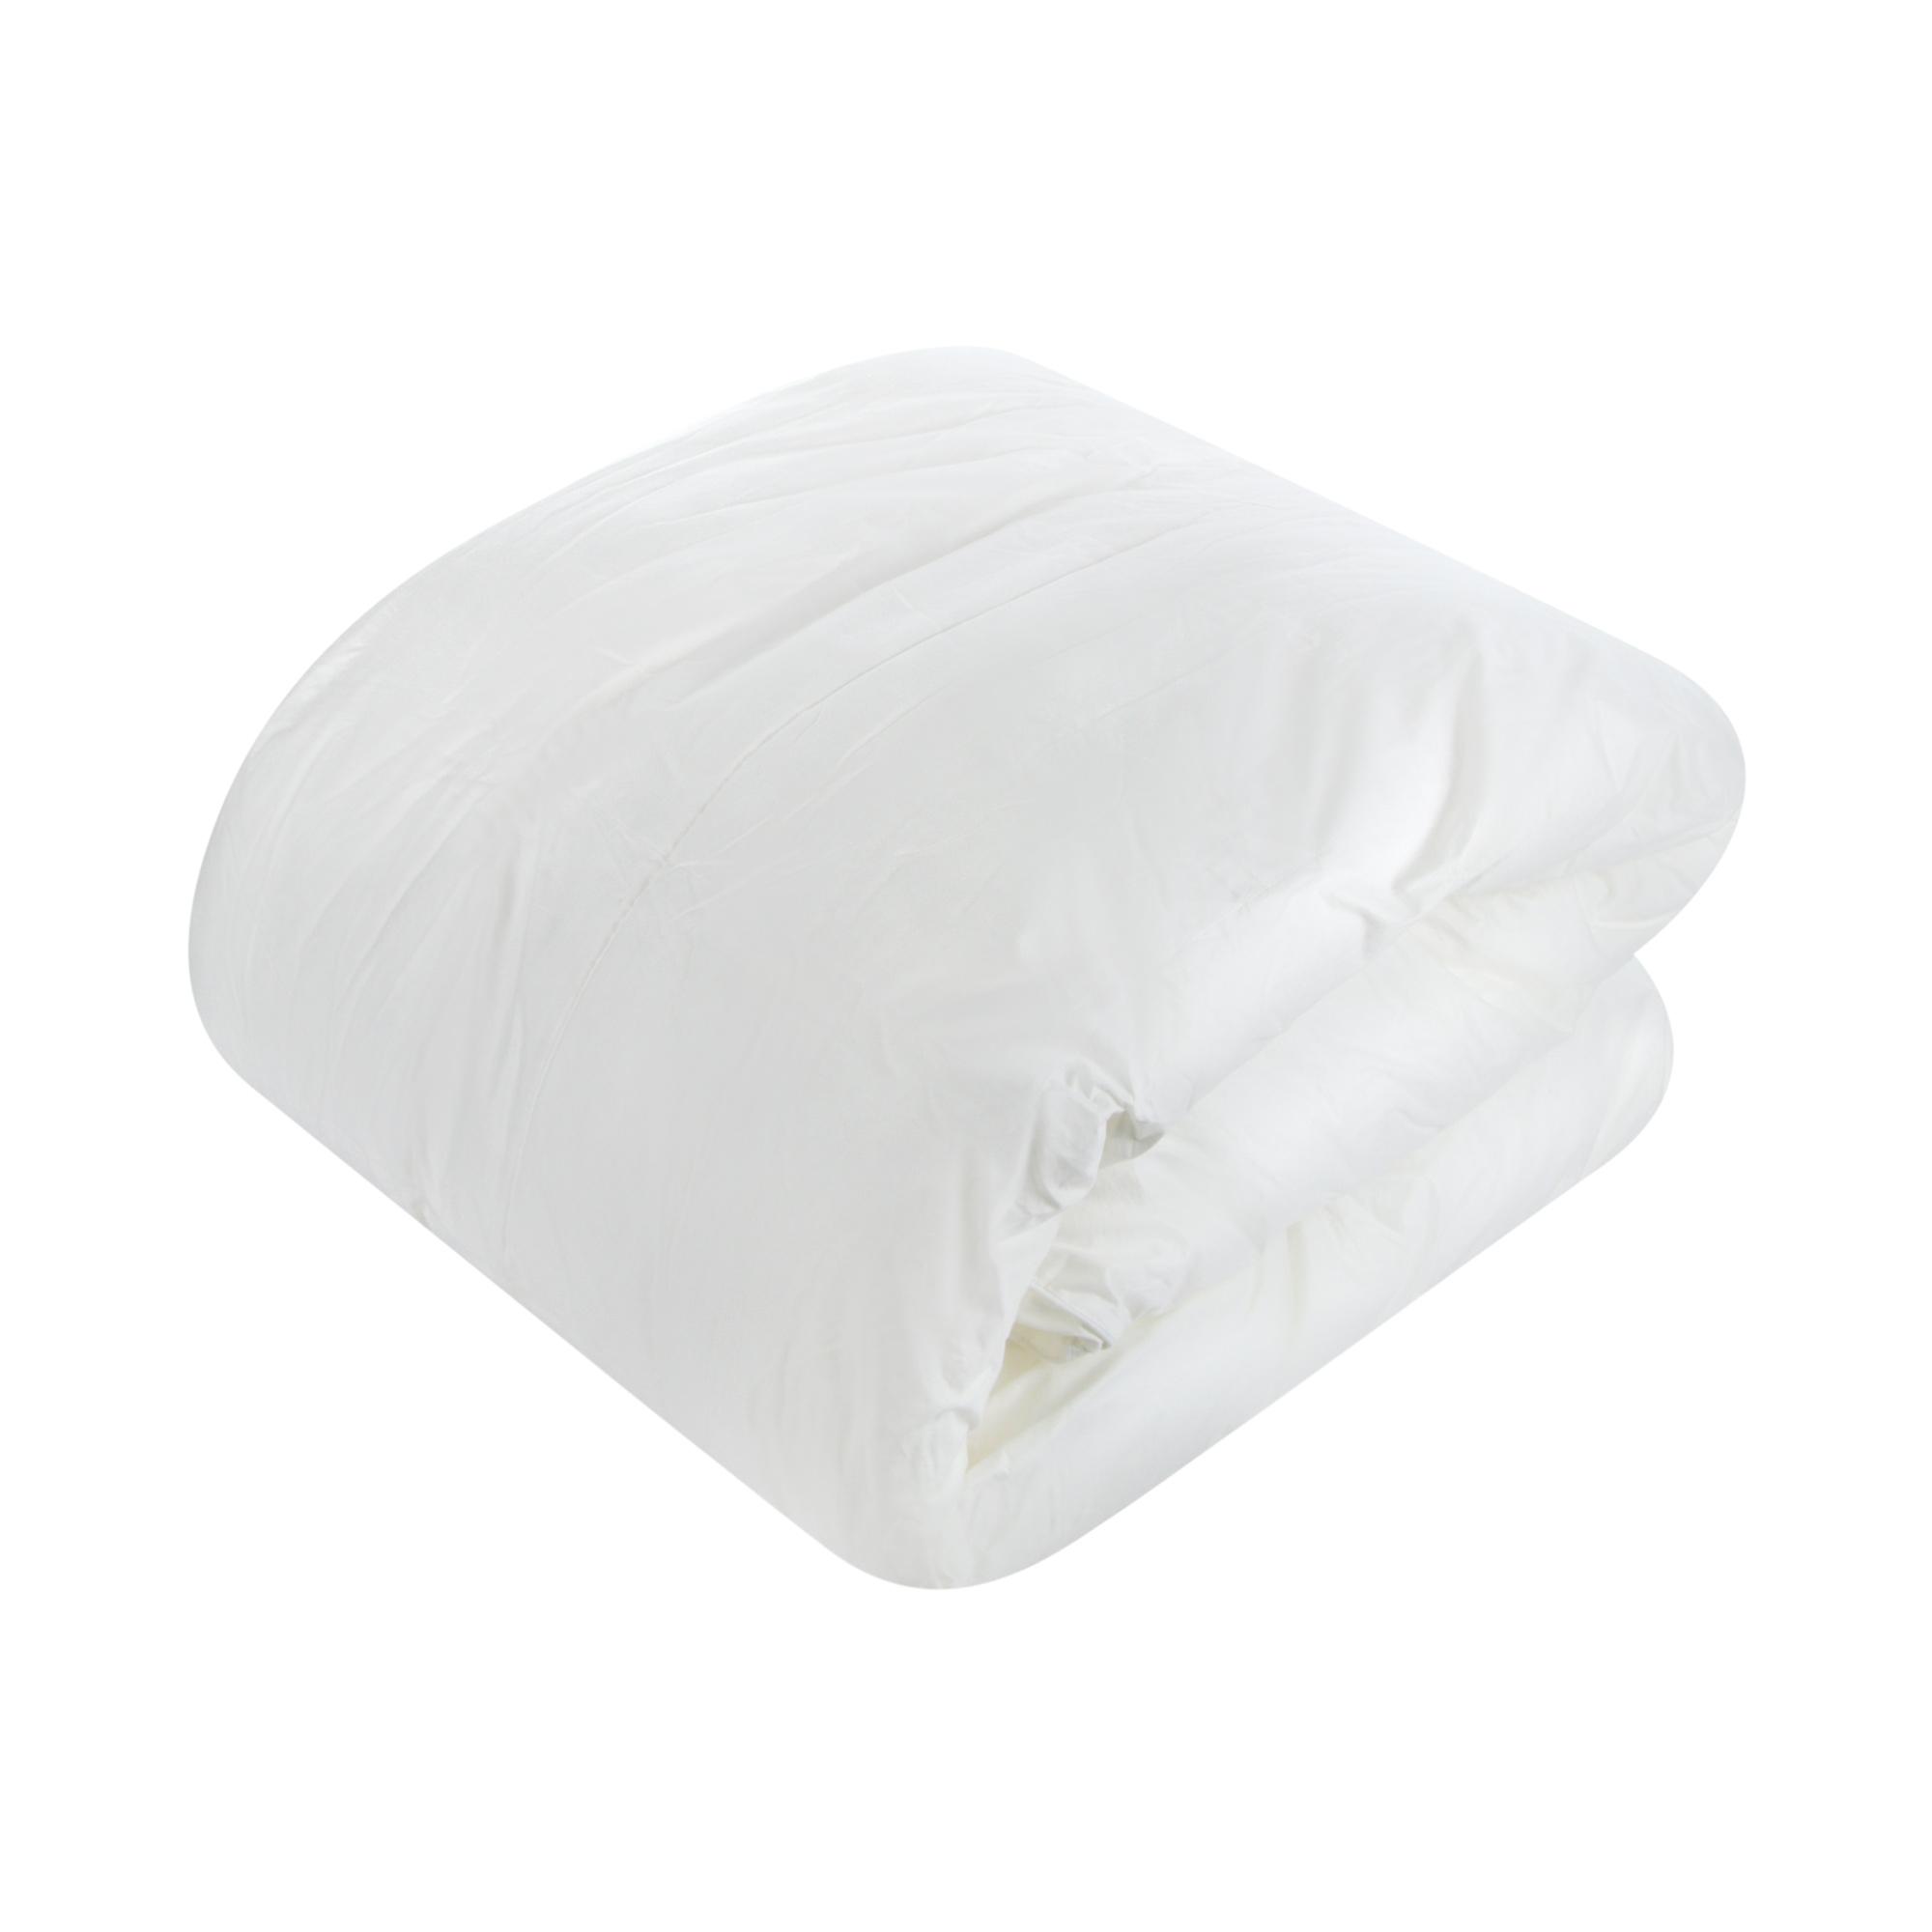 Одеяло Delux art delux-box 200х220 см